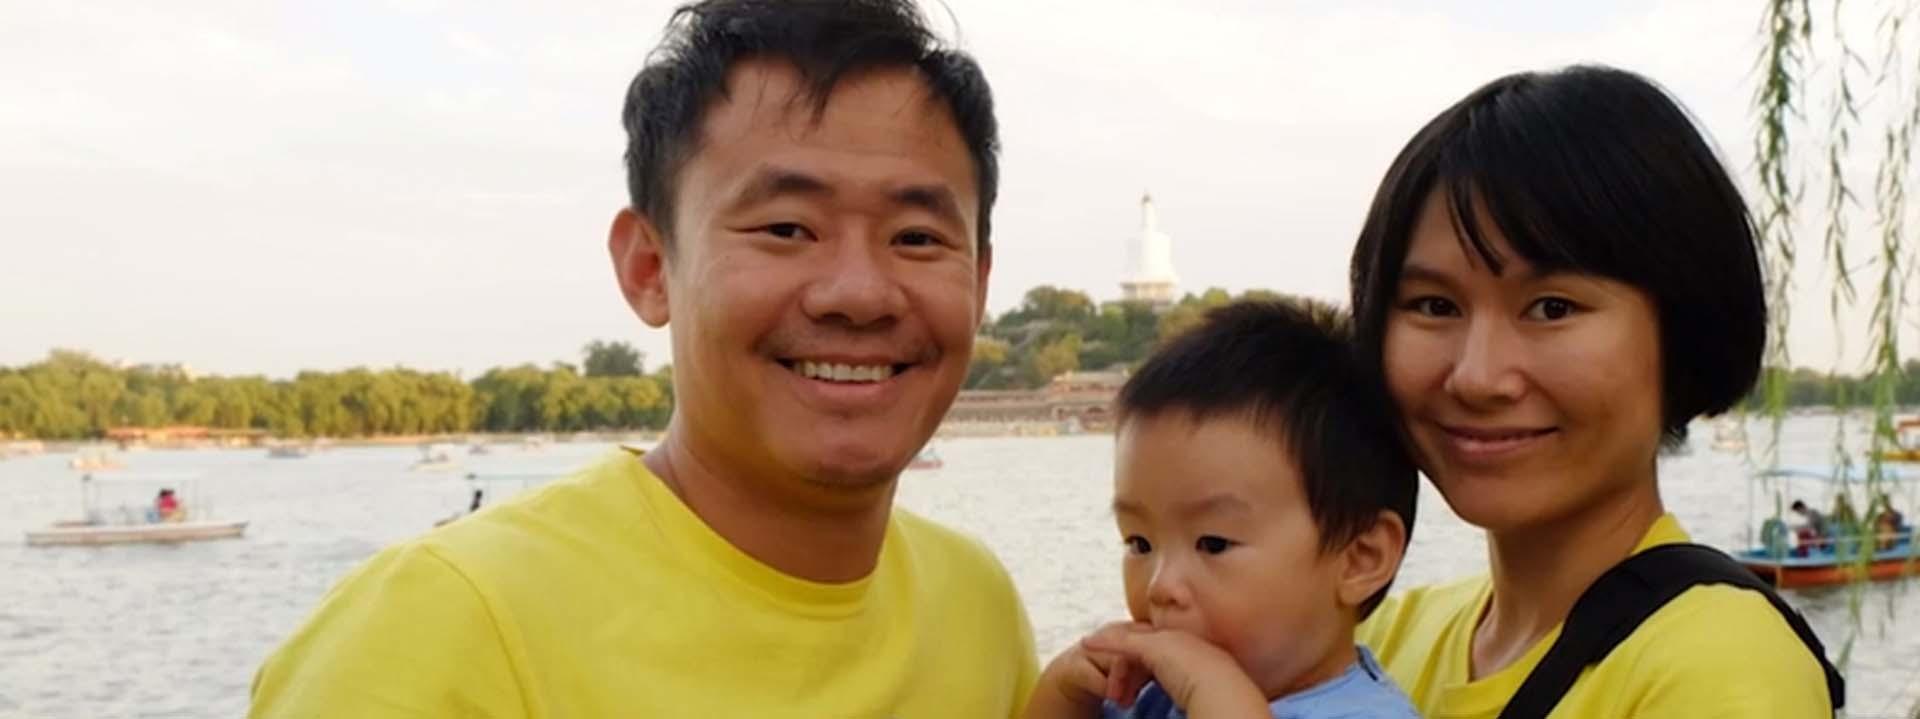 Der amerikanische Student Wang mit seiner Frau Hua Qu und ihrem gemeinsamen Sohn.